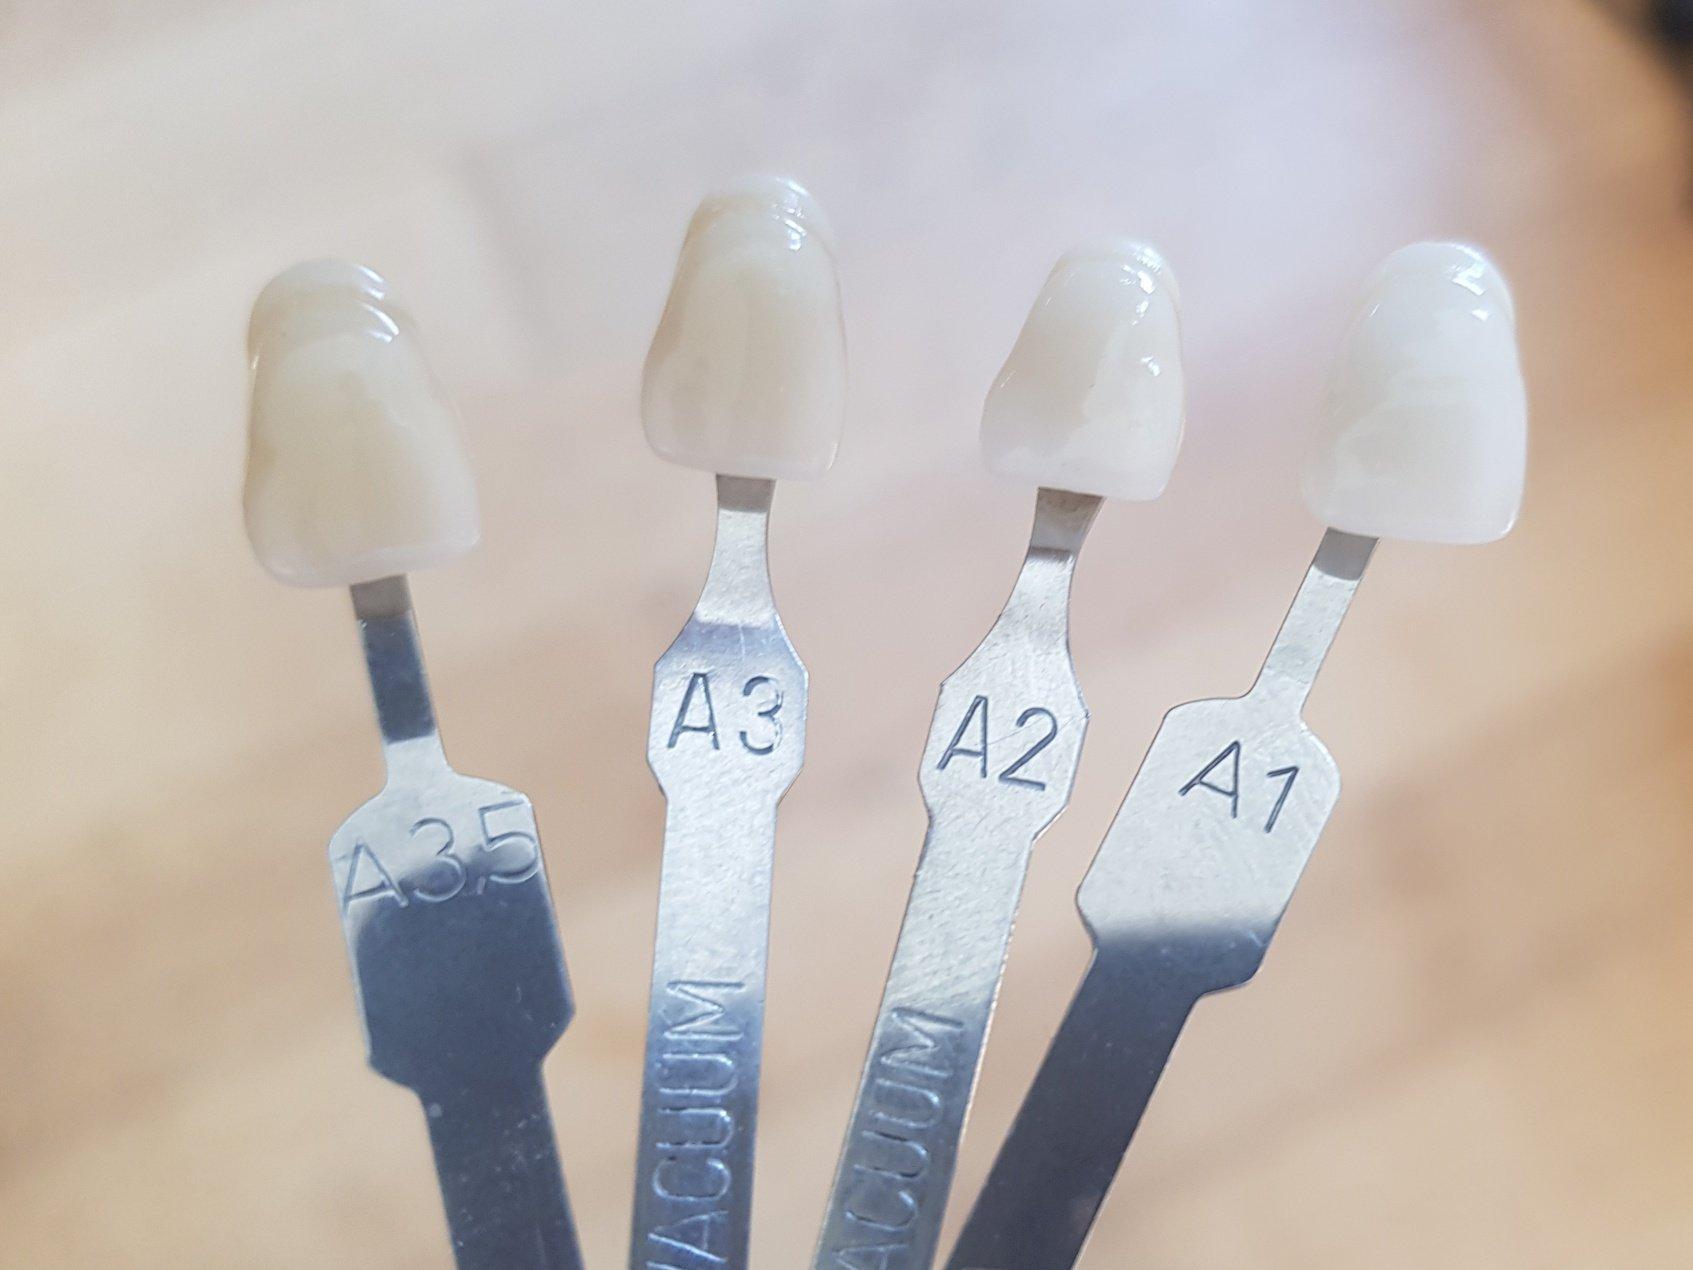 A3 zahnfarbe Zahnfarben